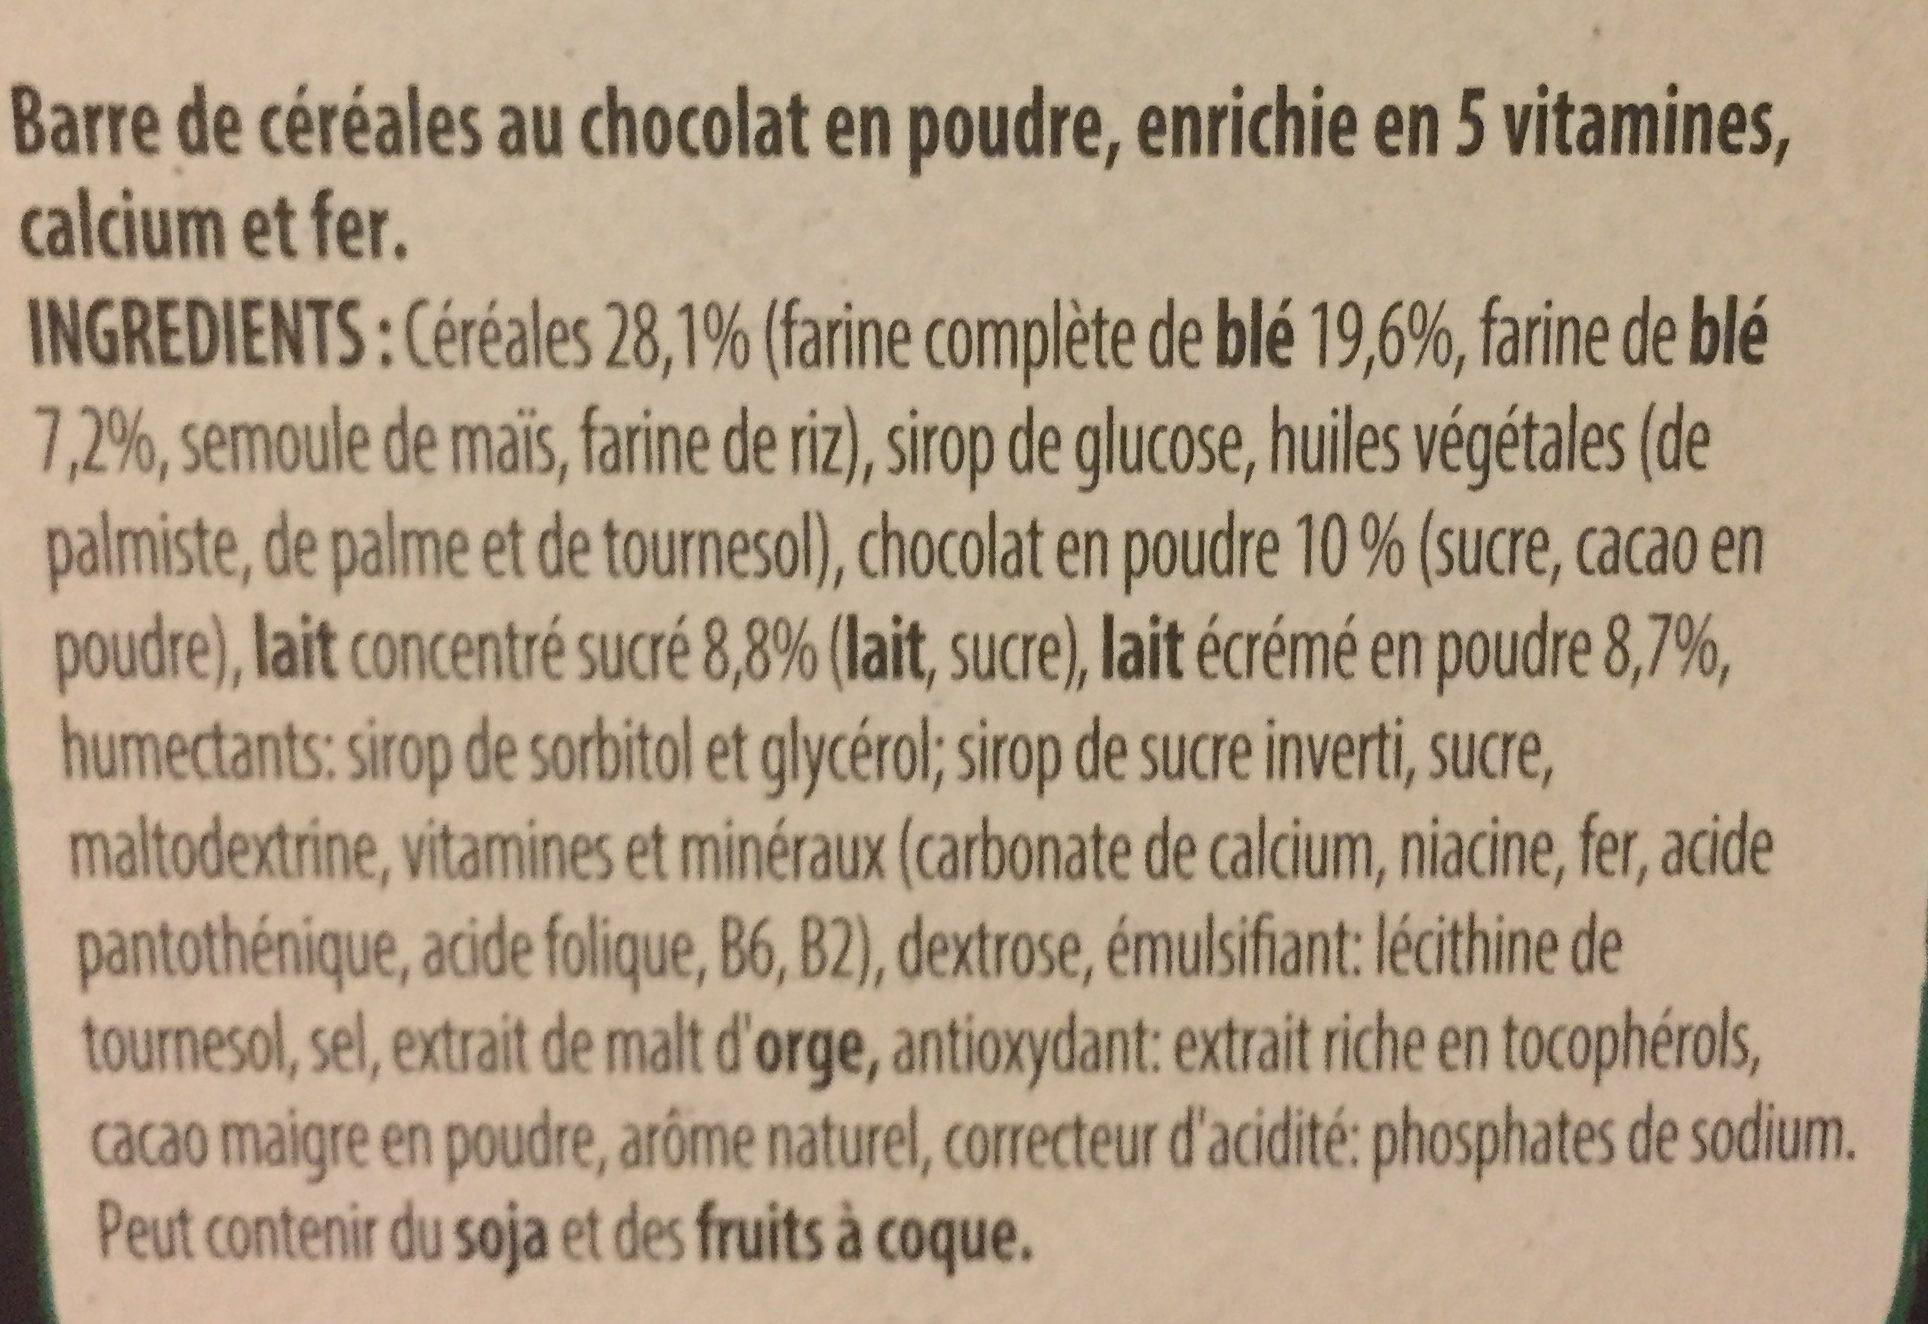 NESTLE CHOCAPIC Barres de Céréales 12x25g - Ingredienti - fr